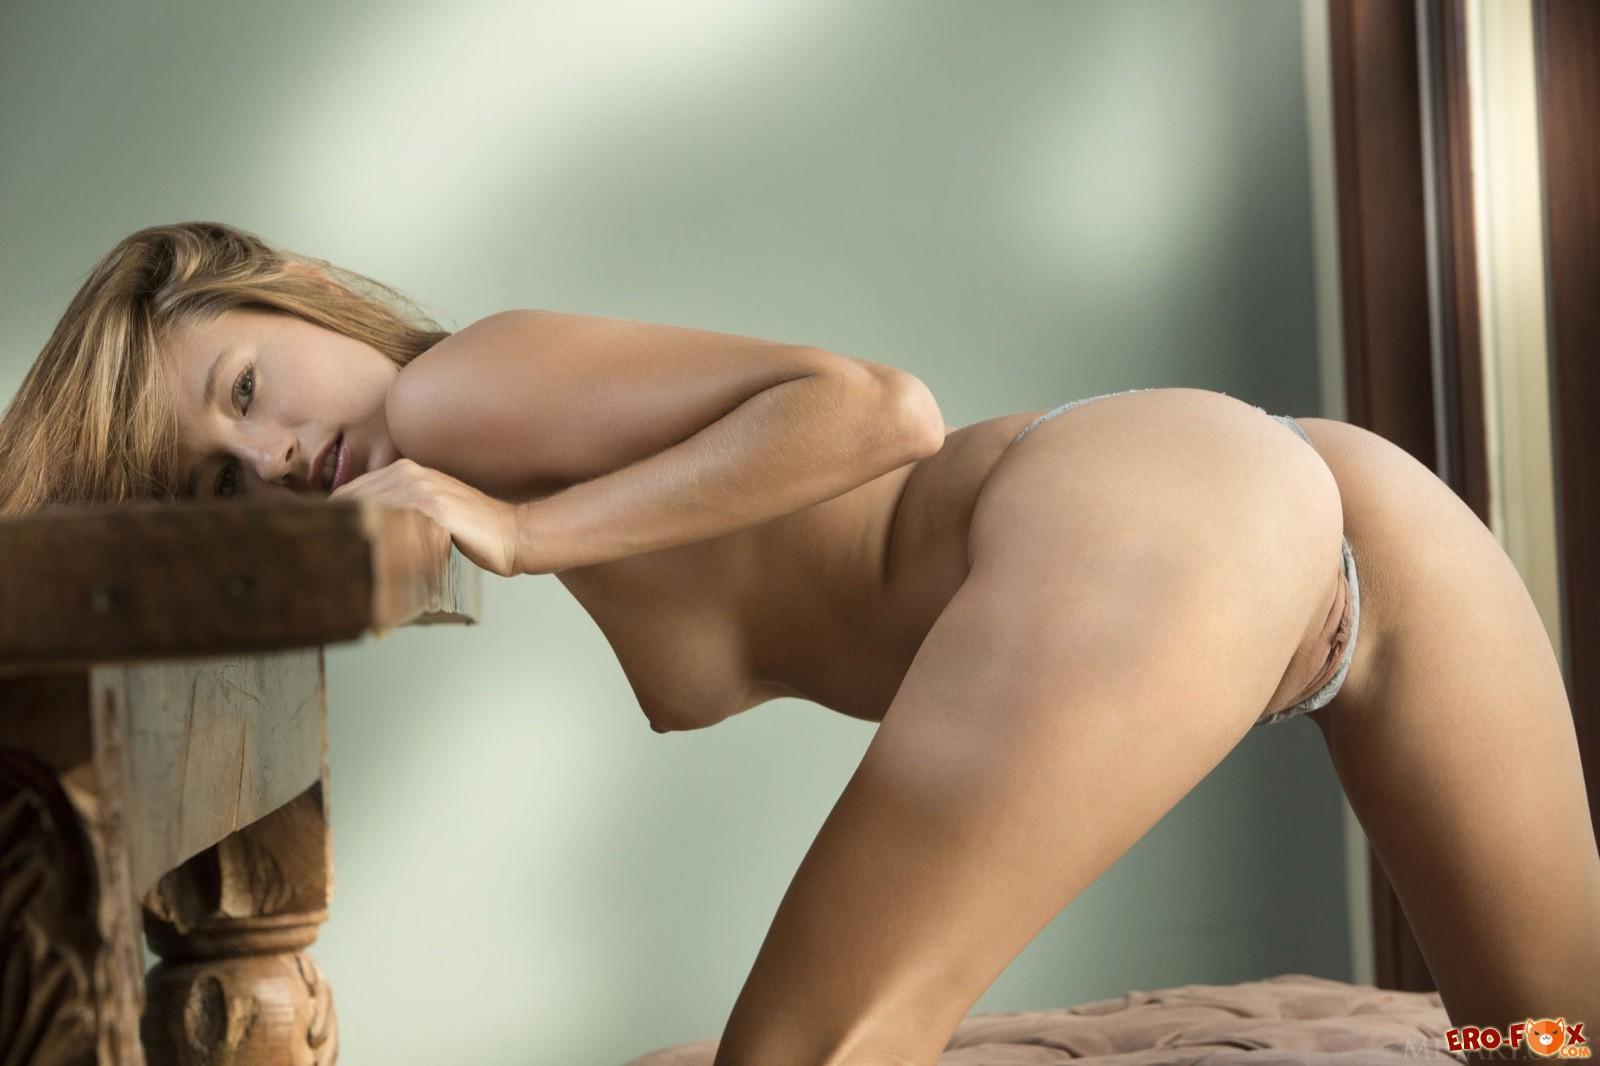 Симпатичная девушка сняв трусики показала письку